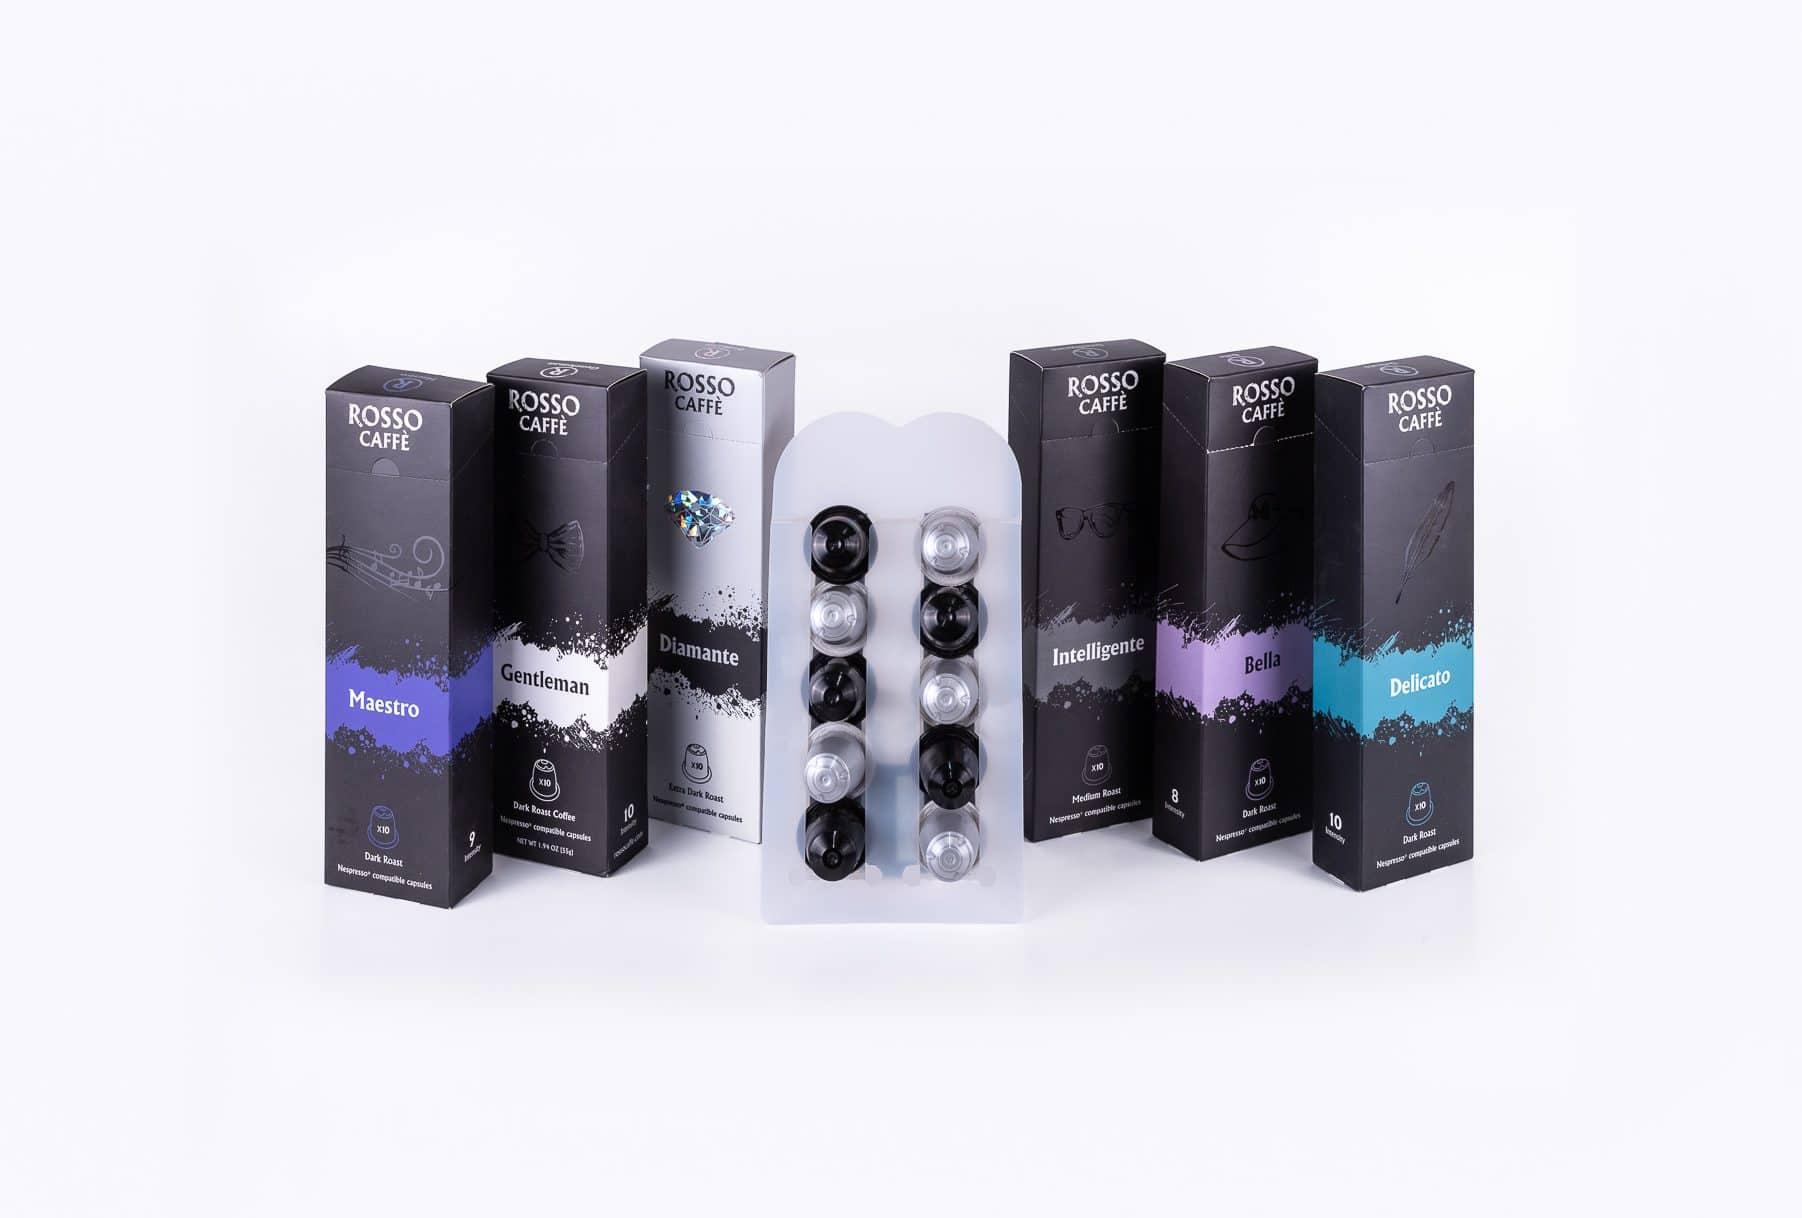 מארזי קפסולות קפה של חברת ROSSO CAFFE. האריזות עשויות מקרטון ומכילות 10 קפסולות קפה